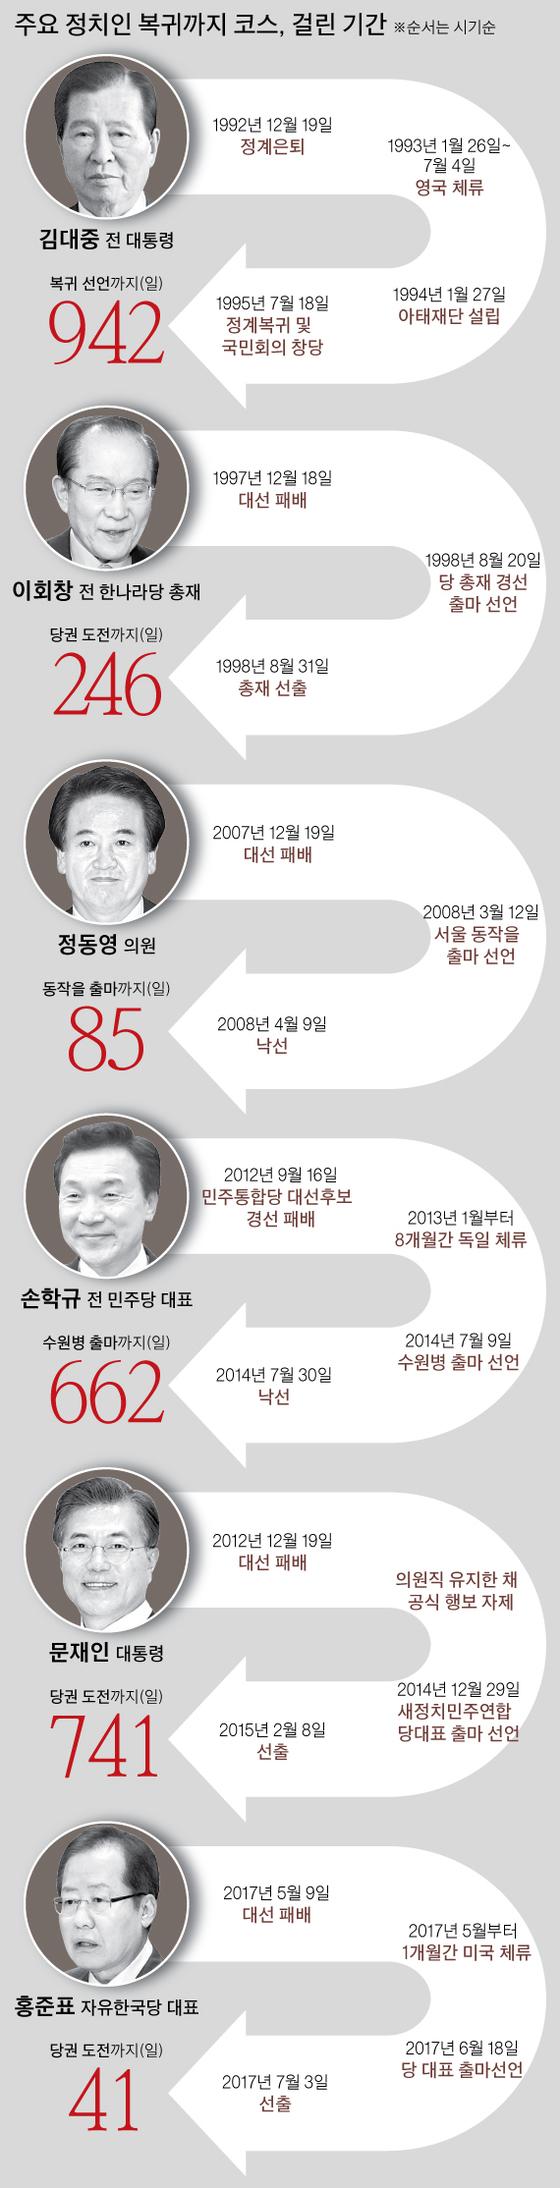 주요 정치인 복귀까지 코스와 소요 기간. 박경민 기자